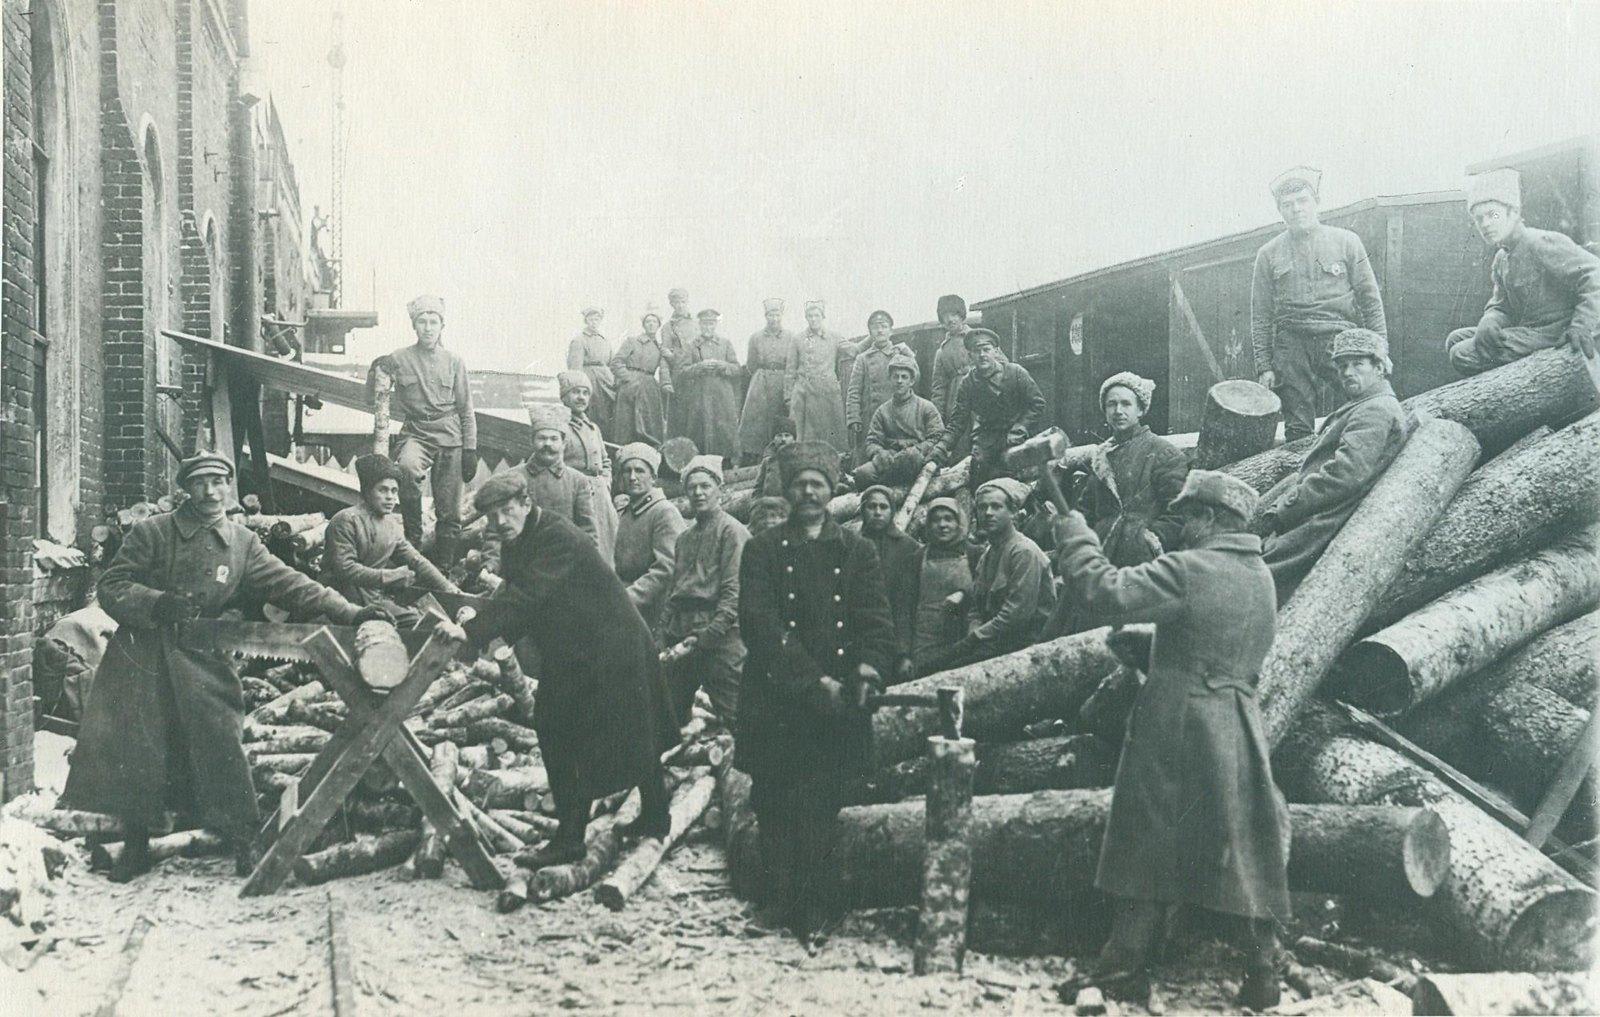 1919. Первый Коммунистический субботник на Казанском вокзале. Заготовка дров